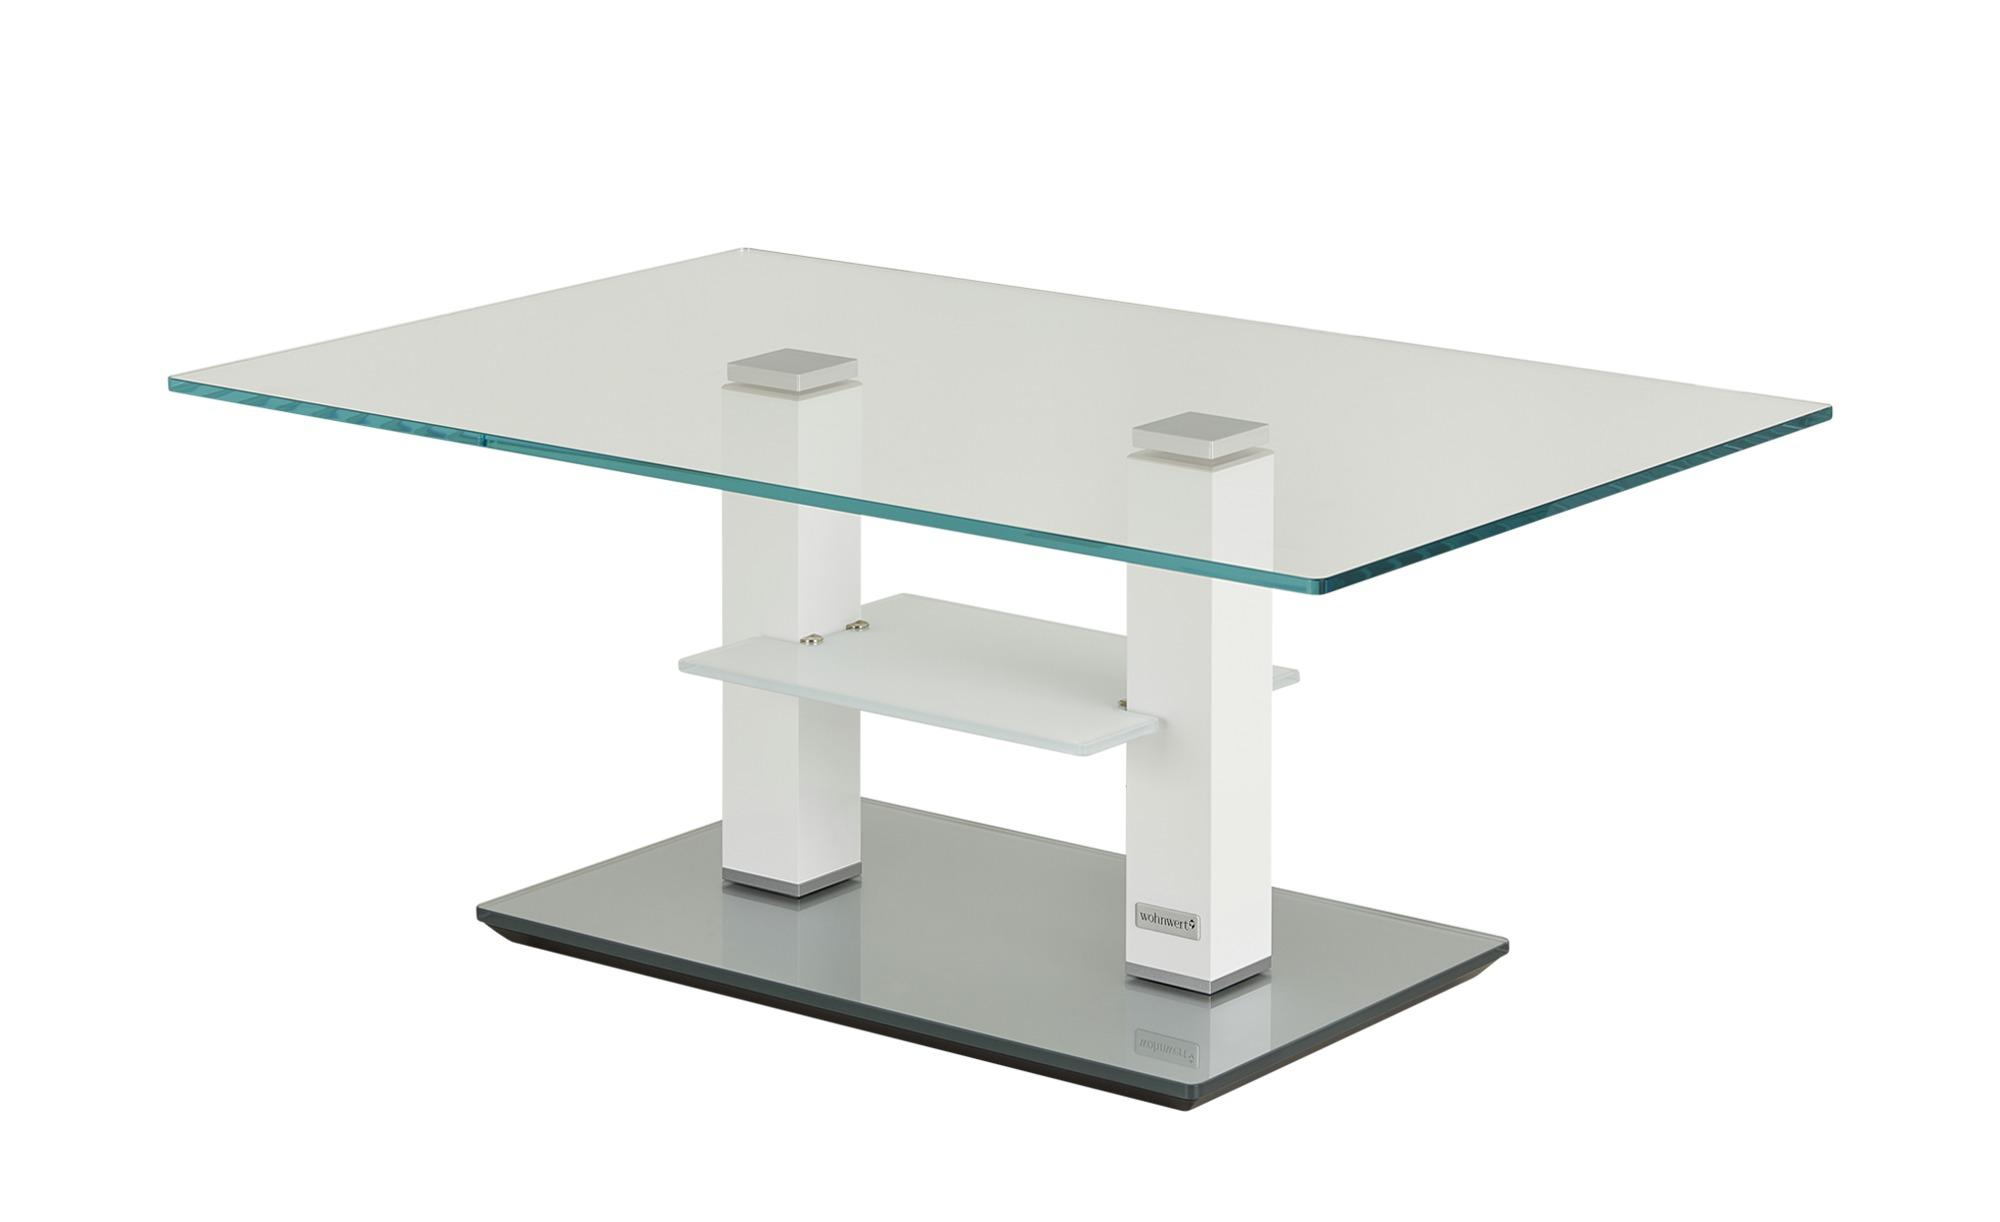 Wohnwert Couchtisch  Quatro Plus ¦ Maße (cm): B: 70 H: 46 T: 70 Tische > Couchtische > Couchtische rechteckig - Höffner